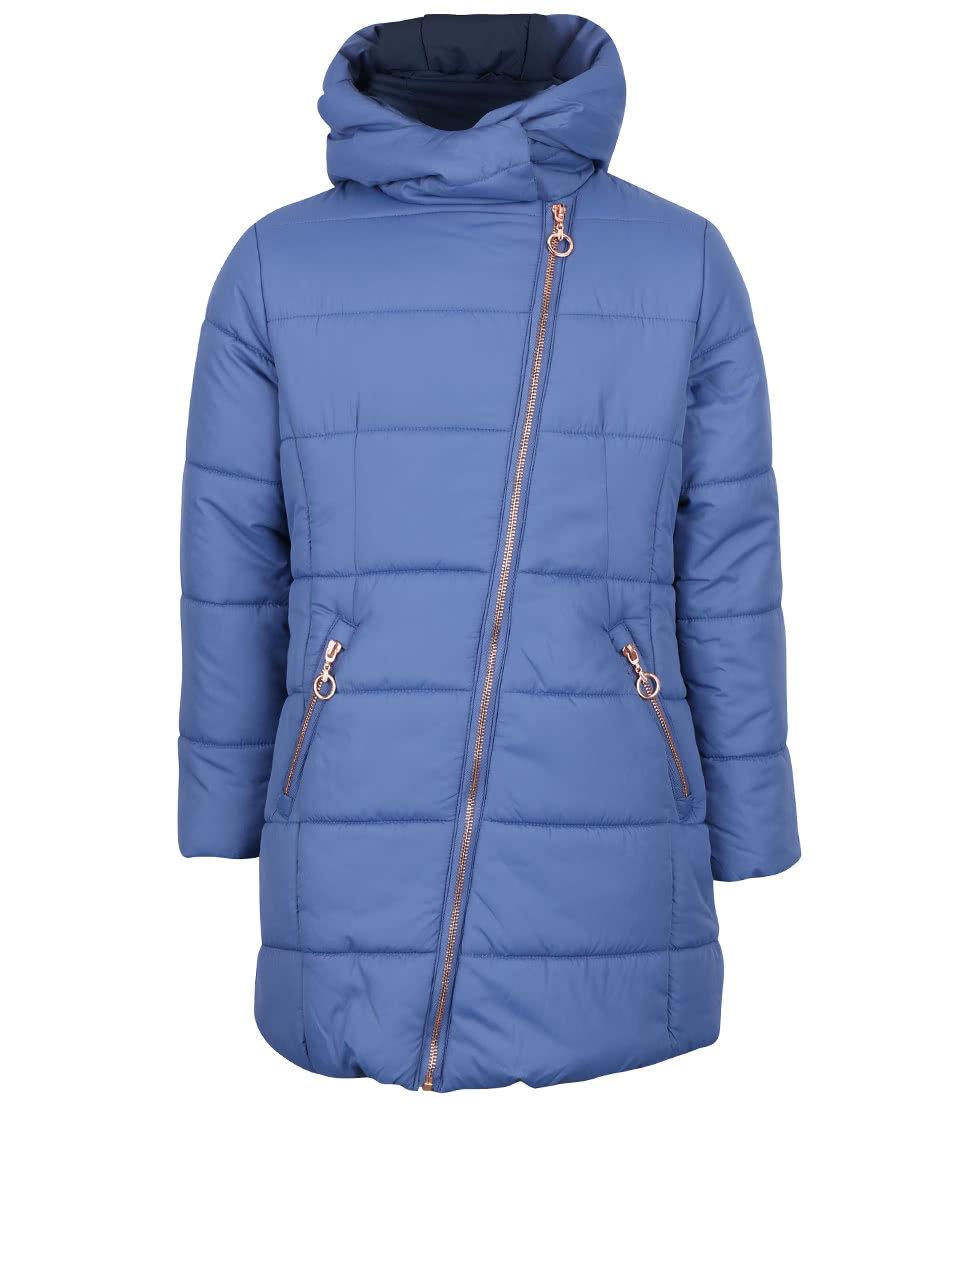 3b7bf1817b2c Modrý dievčenský prešívaný kabát s asymetrickým zipsom 5.10.15 ...